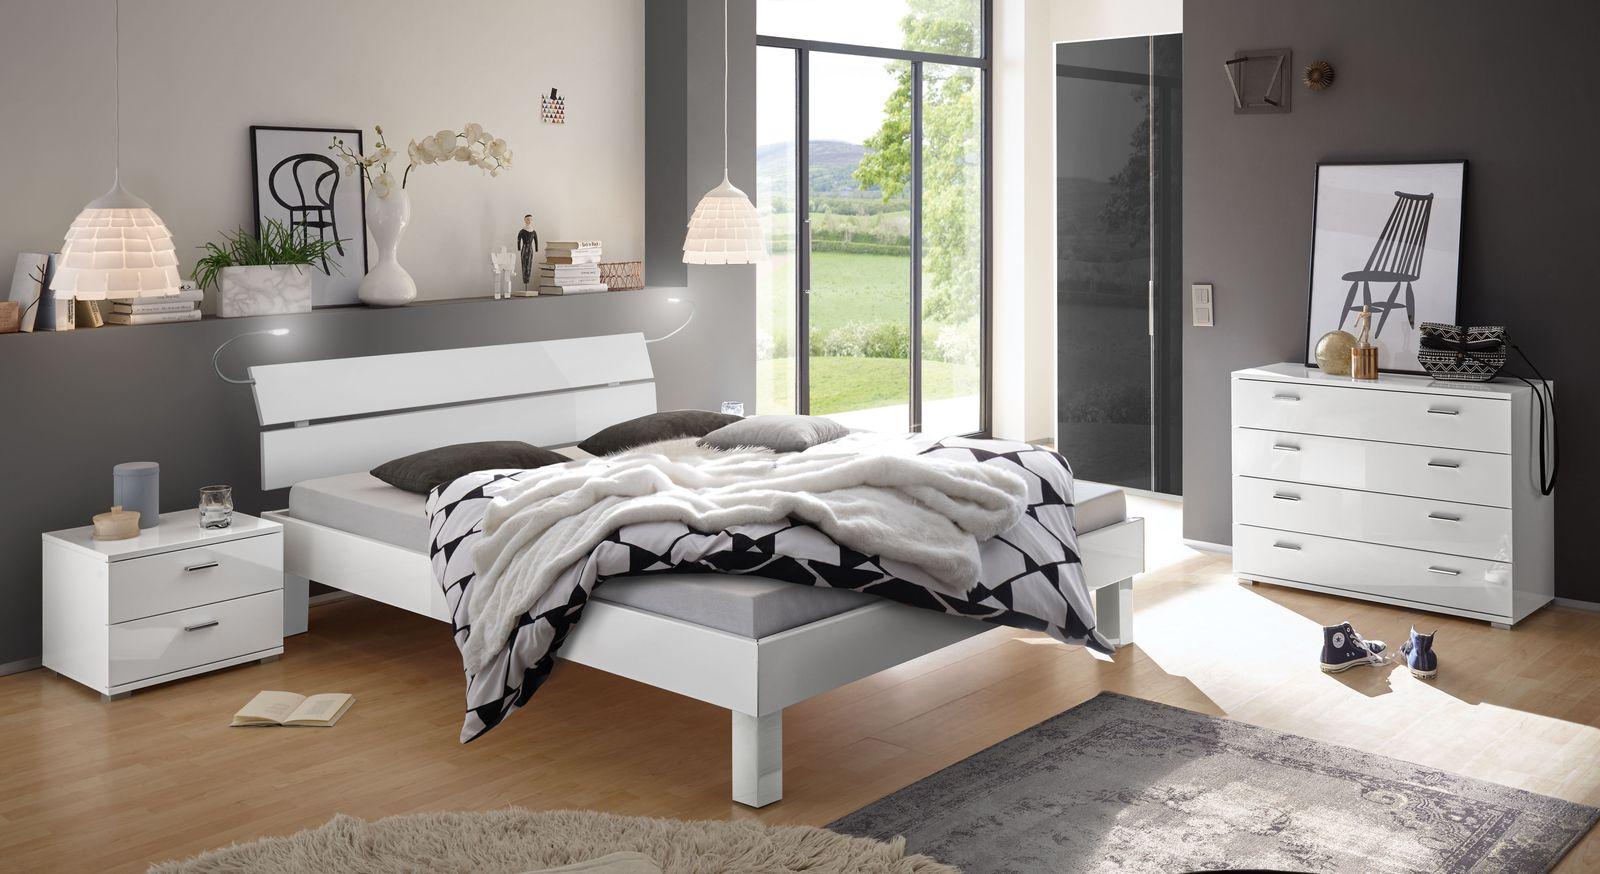 Bett Norman mit passender Schlafzimmer-Ausstattung